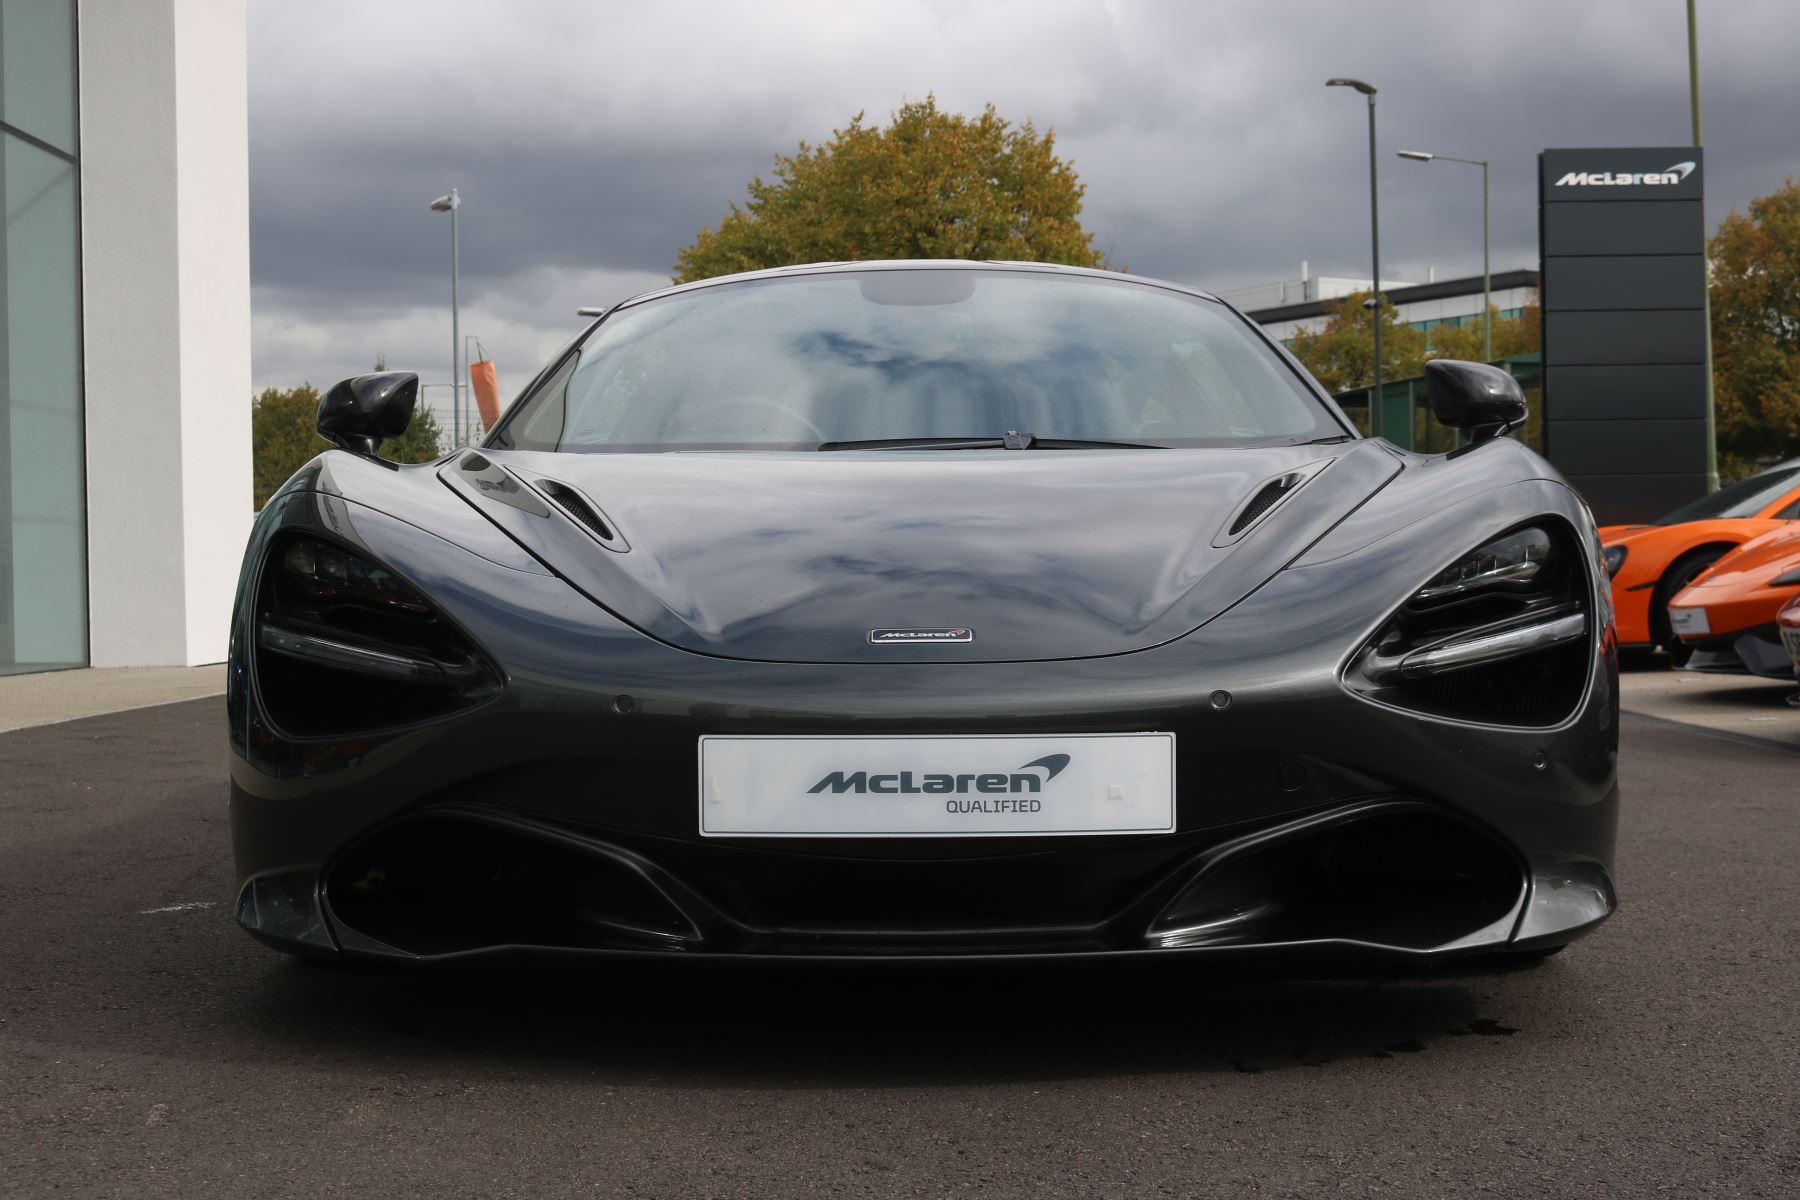 McLaren 720S Performance image 4